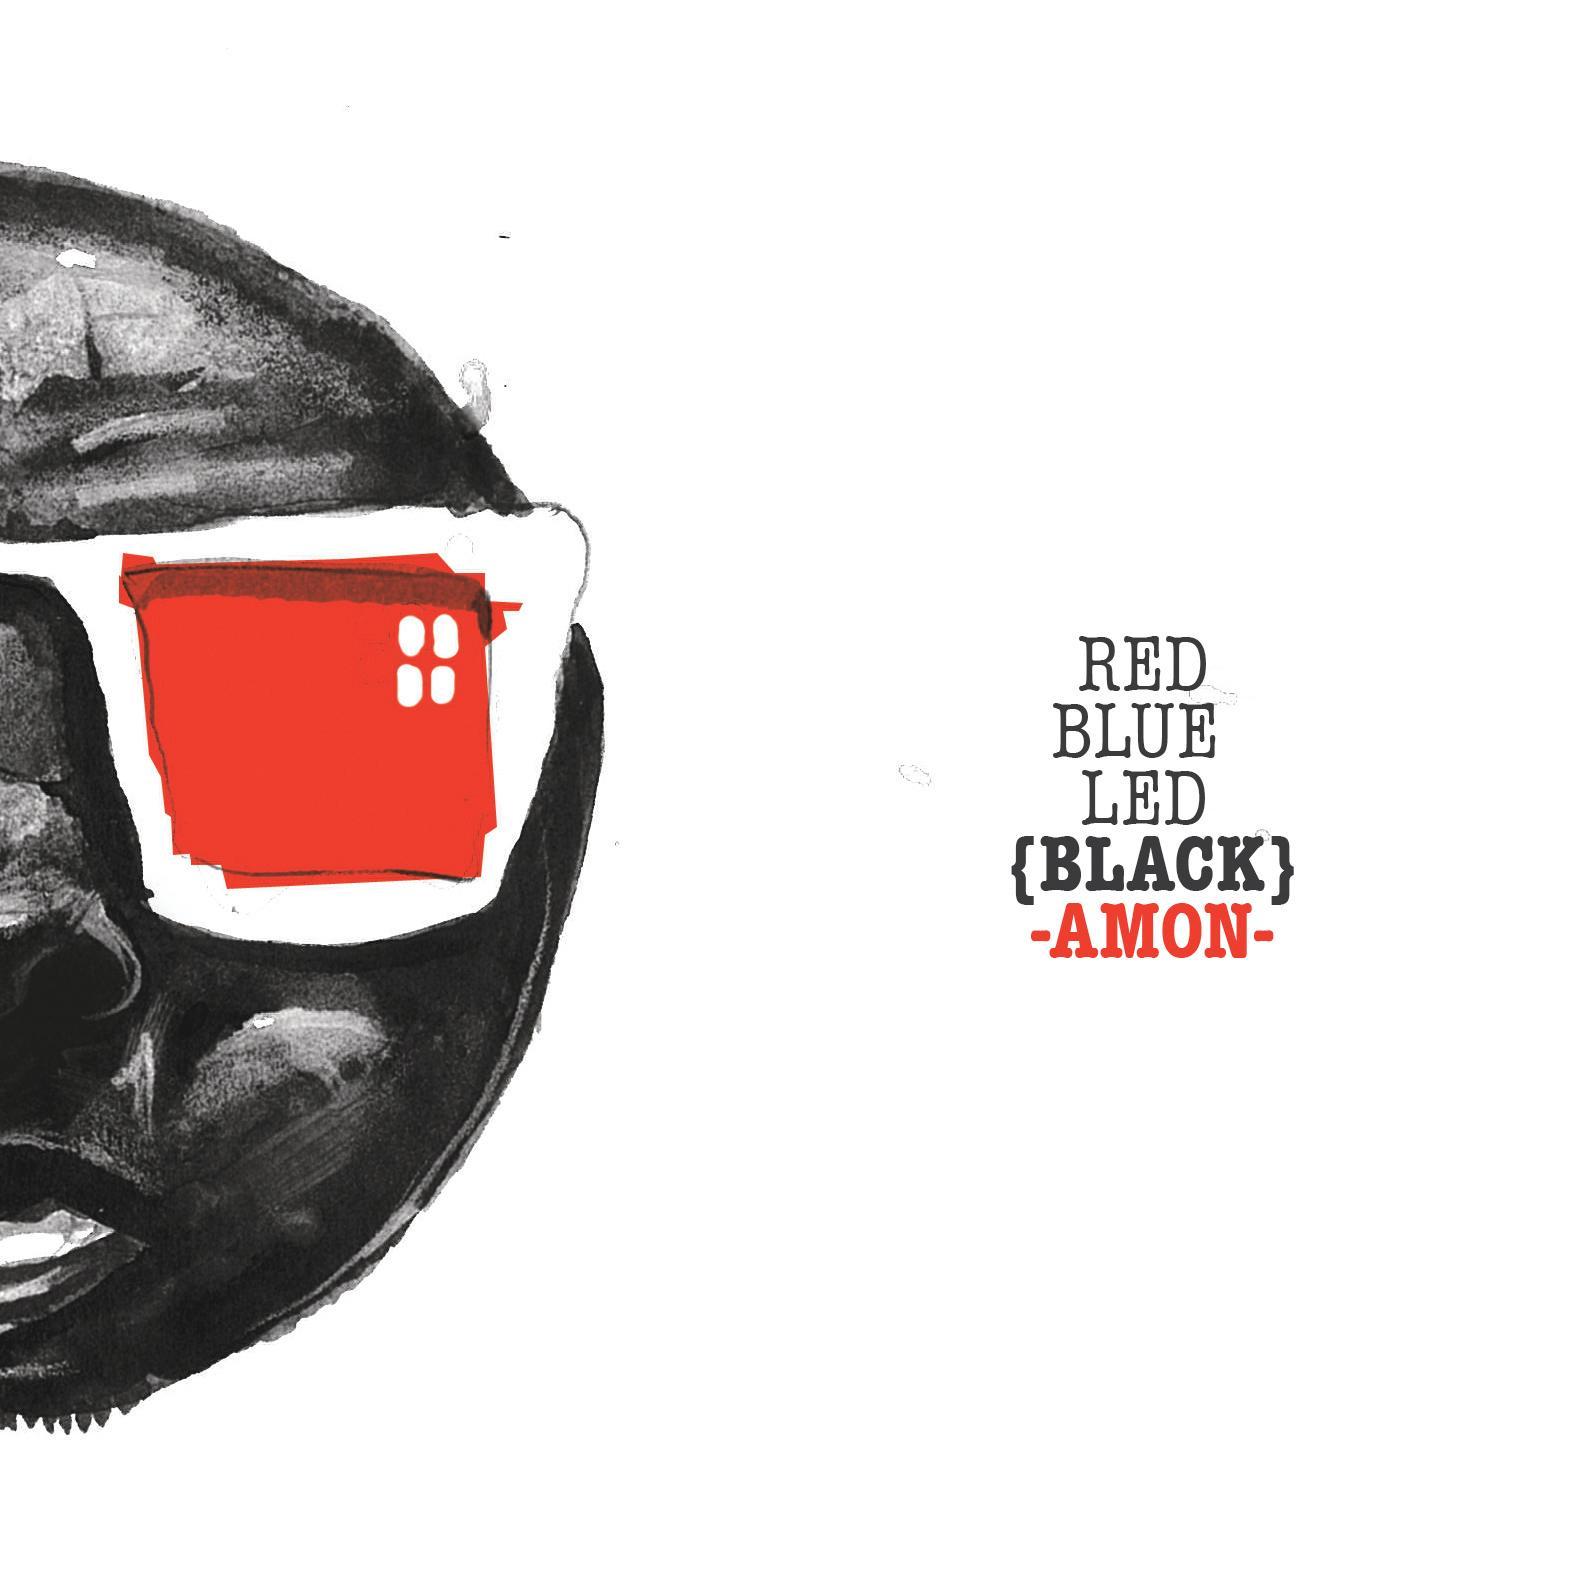 Red Blue Led (Black) di Amon